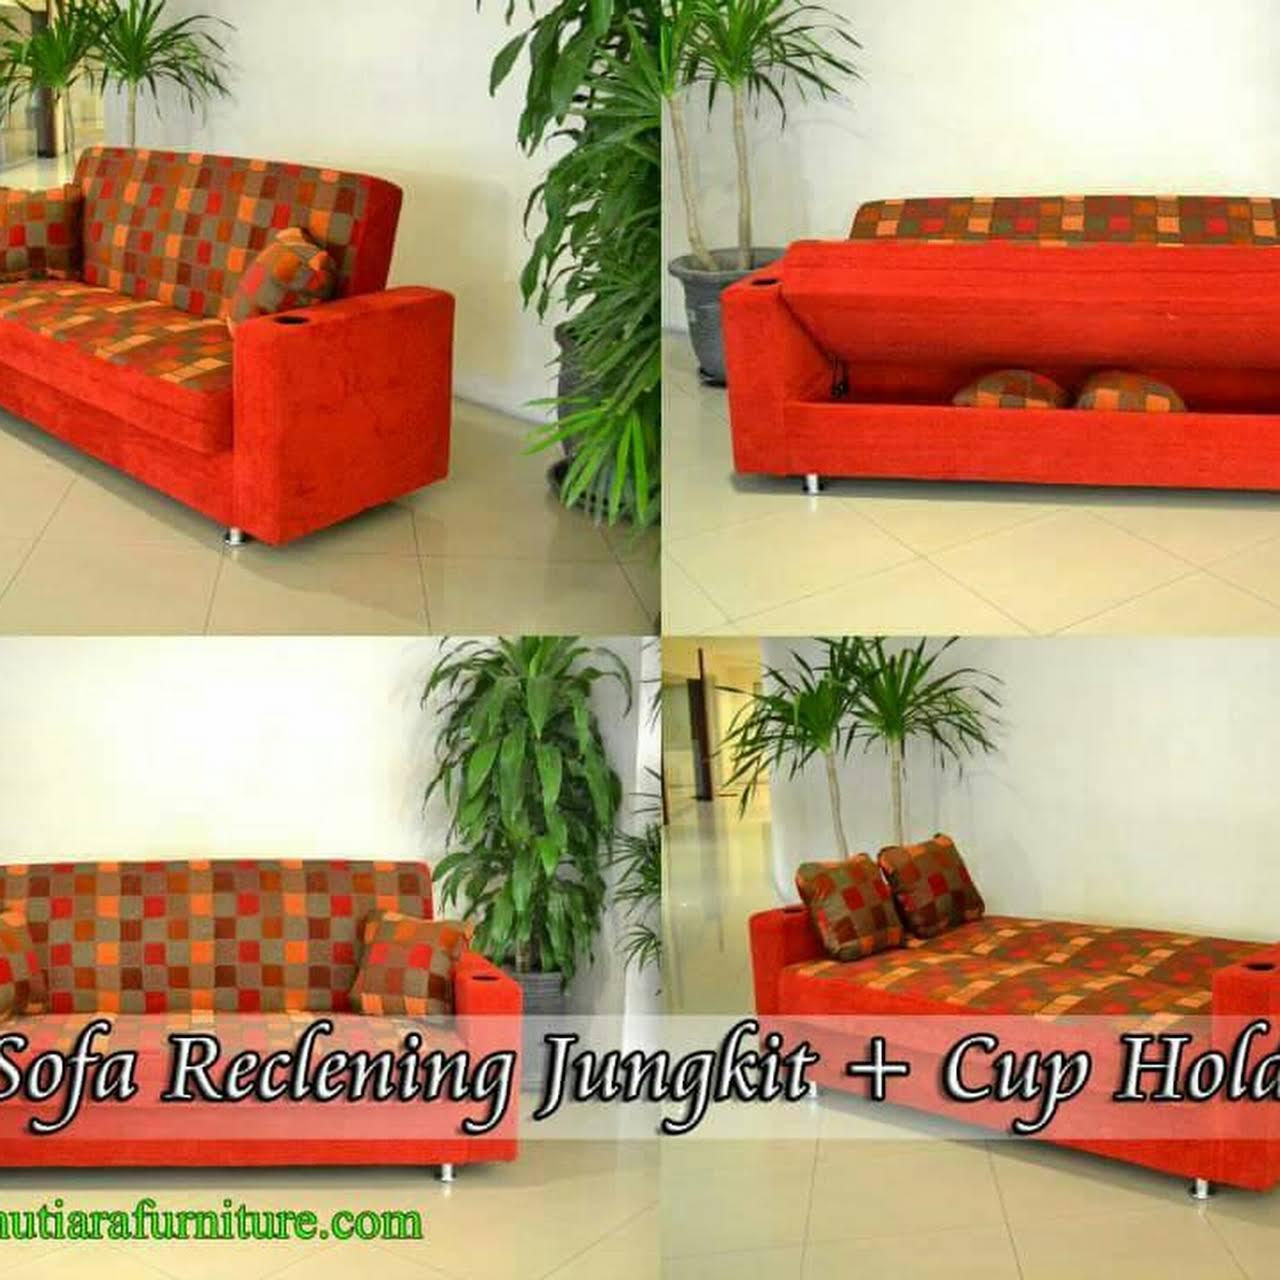 Mutiara Furniture Interior Kediri Toko Mebel Di Cosglow Sofa Minimalis Unik Rumah Hotel Modern L Bed Bantal Custom Diposting Pada 06 Apr 18